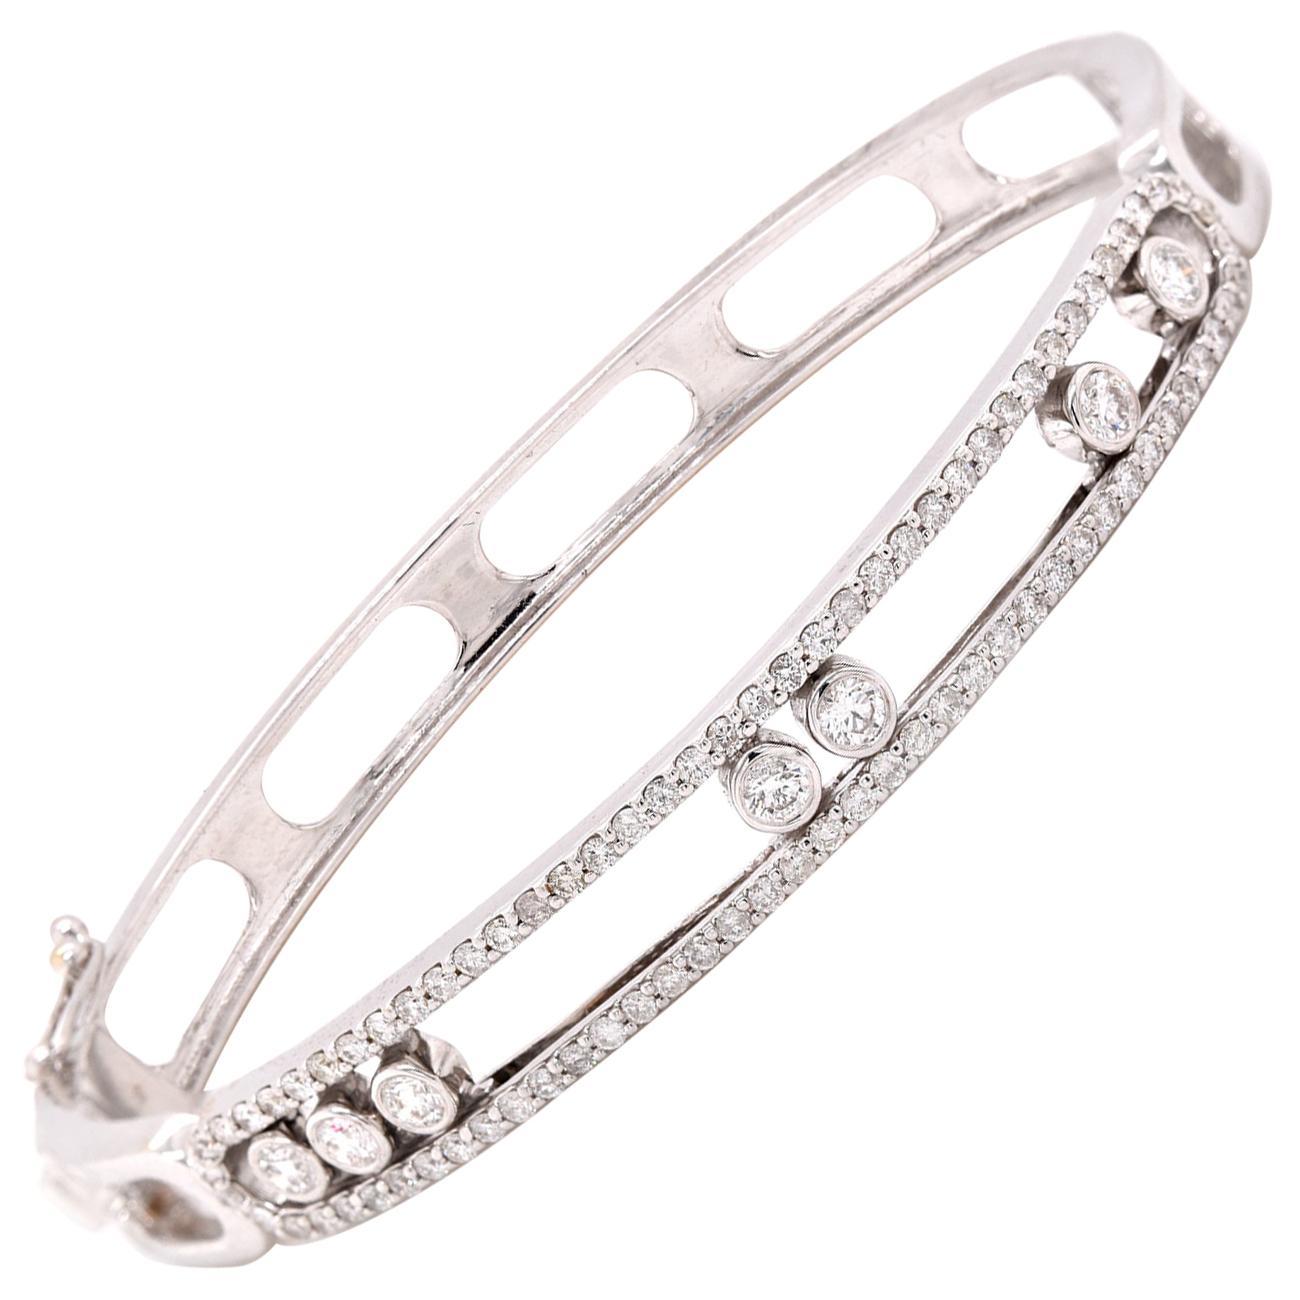 18 Karat White Gold Diamond Slide Bangle Bracelet